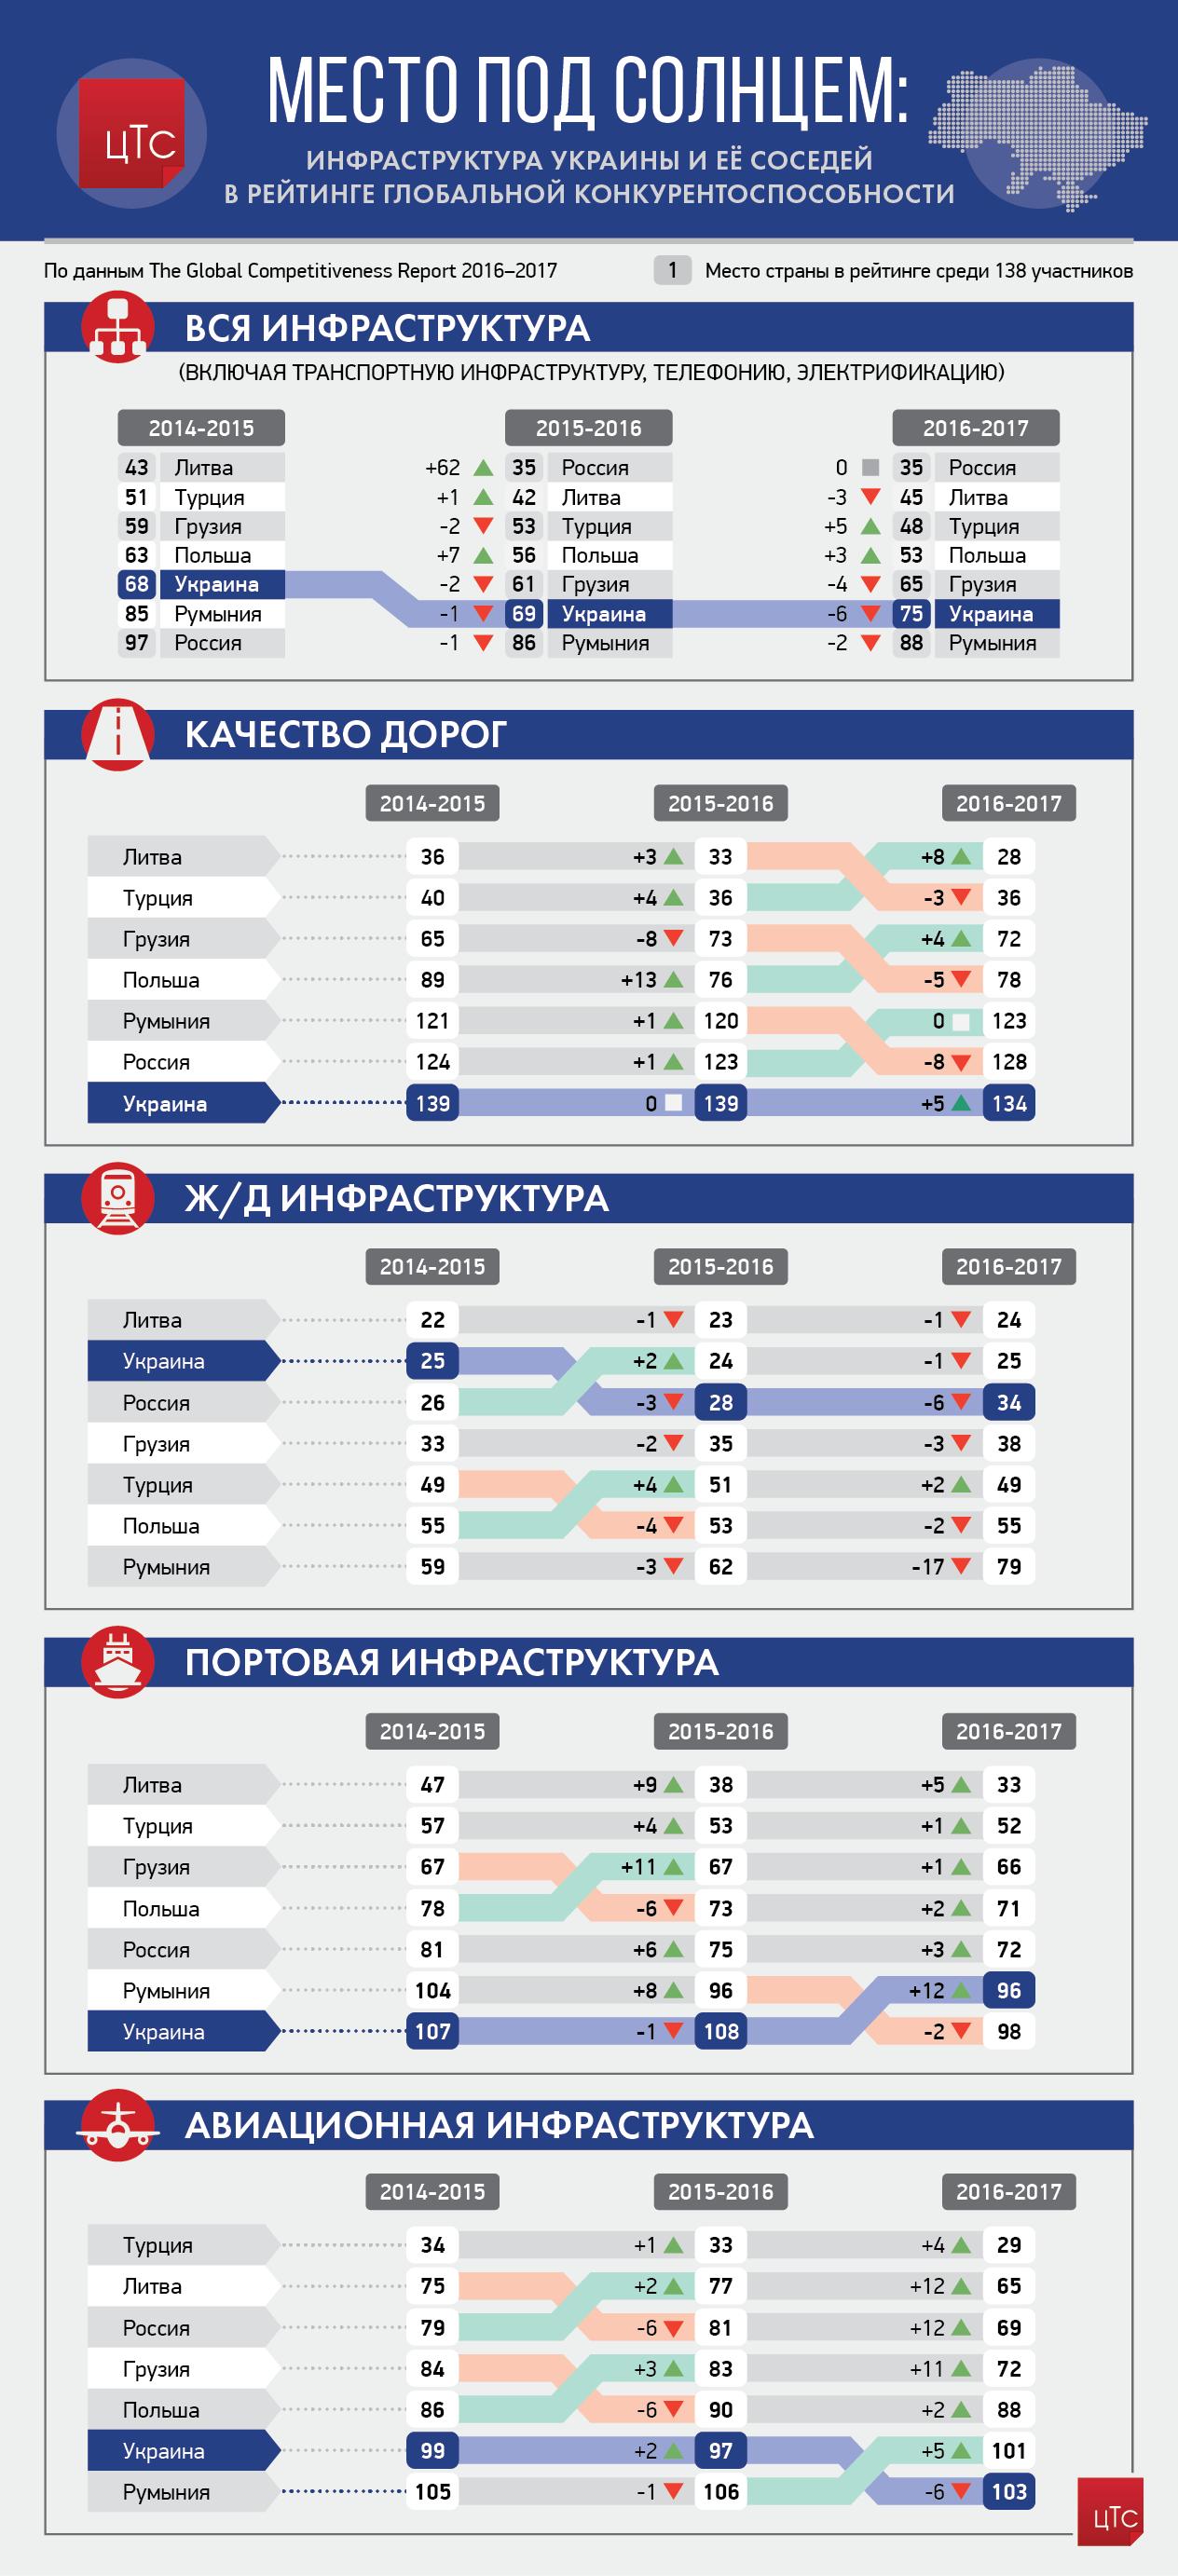 Место под солнцем: инфраструктура Украины в глобальном рейтинге конкурентоспособности